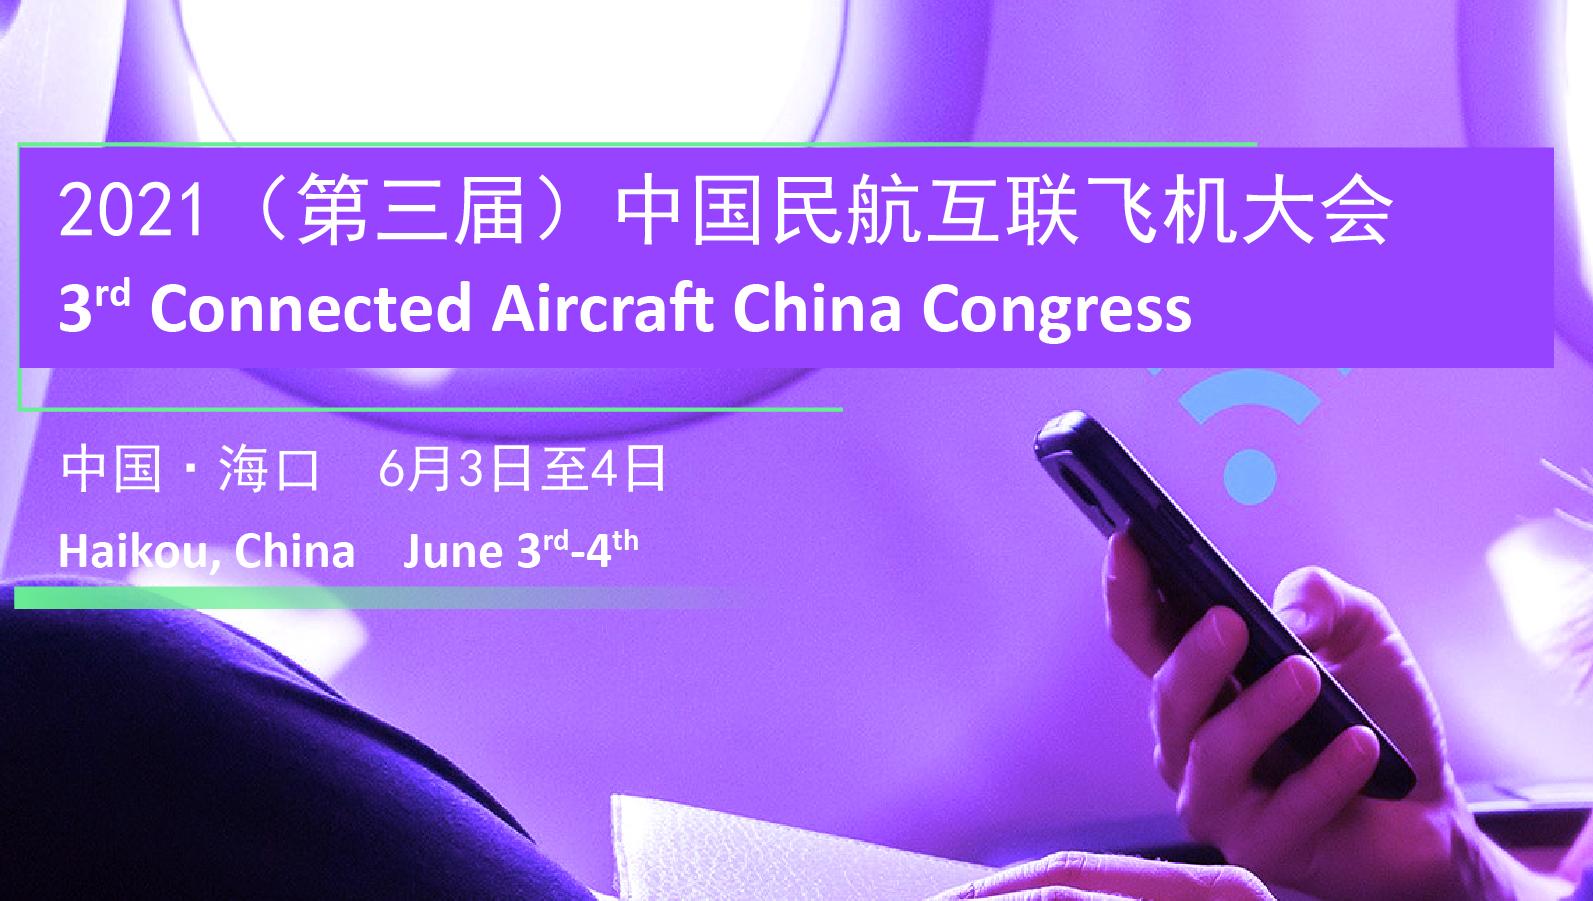 2021(第三届)中国民航互联飞机大会